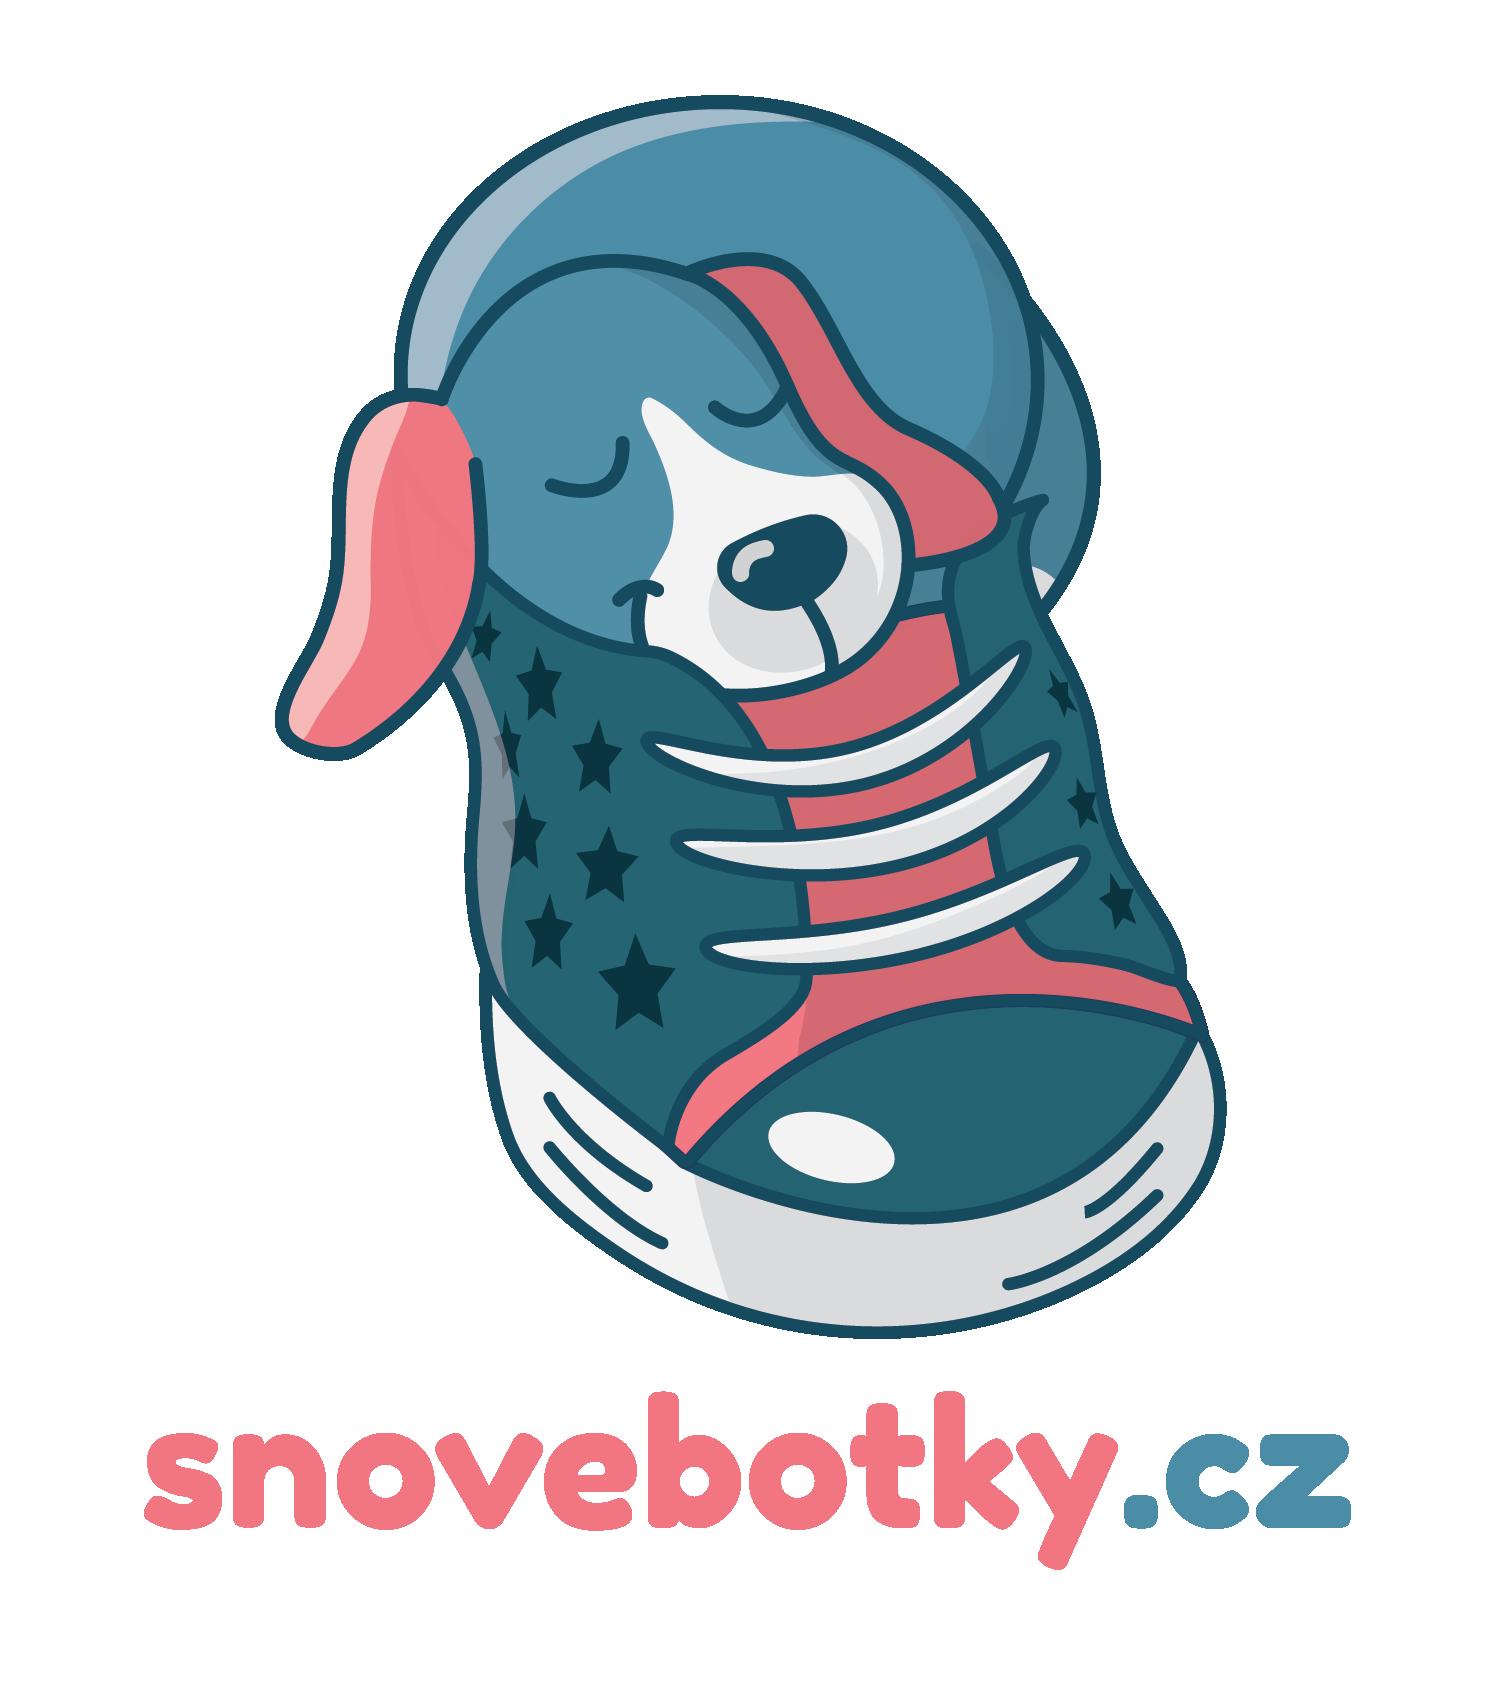 www.snovebotky.cz